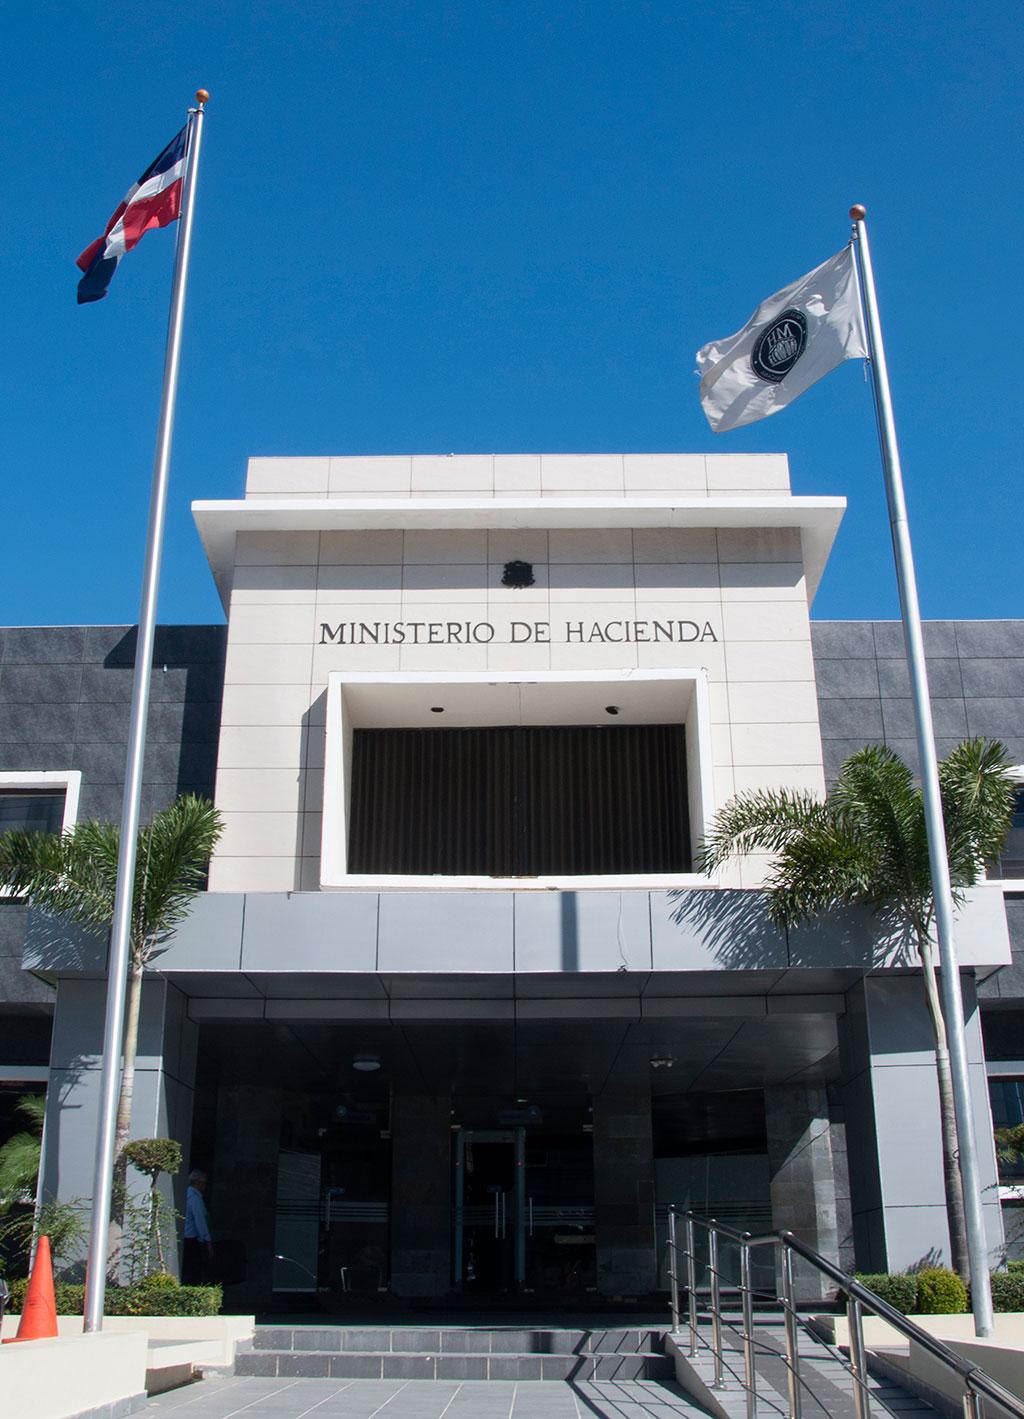 republica dominicana coloca bonos soberanos